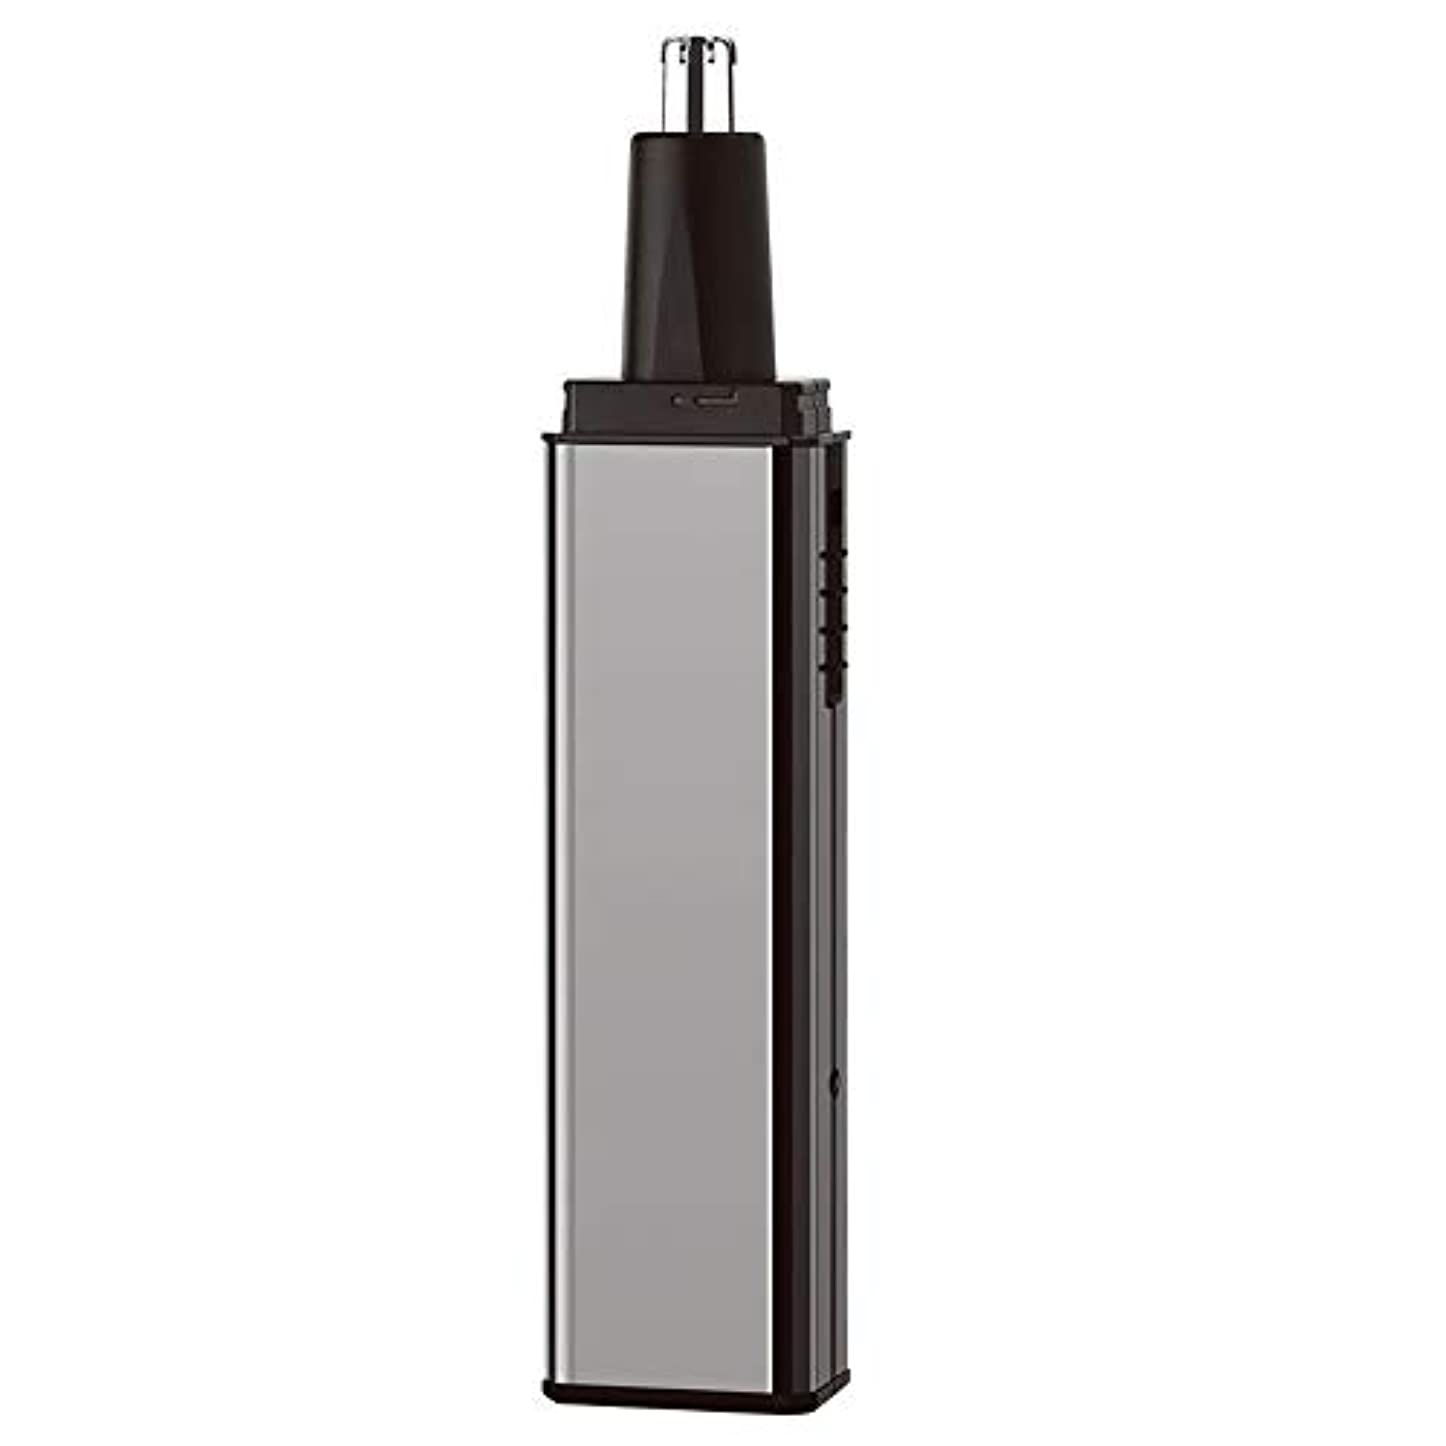 純粋なムス適切な鼻毛トリマー-多機能スーツフォーインワン/電気鼻毛トリマー/ステンレススチール/多機能/ 13.5 * 2.7cm 軽度の脱毛